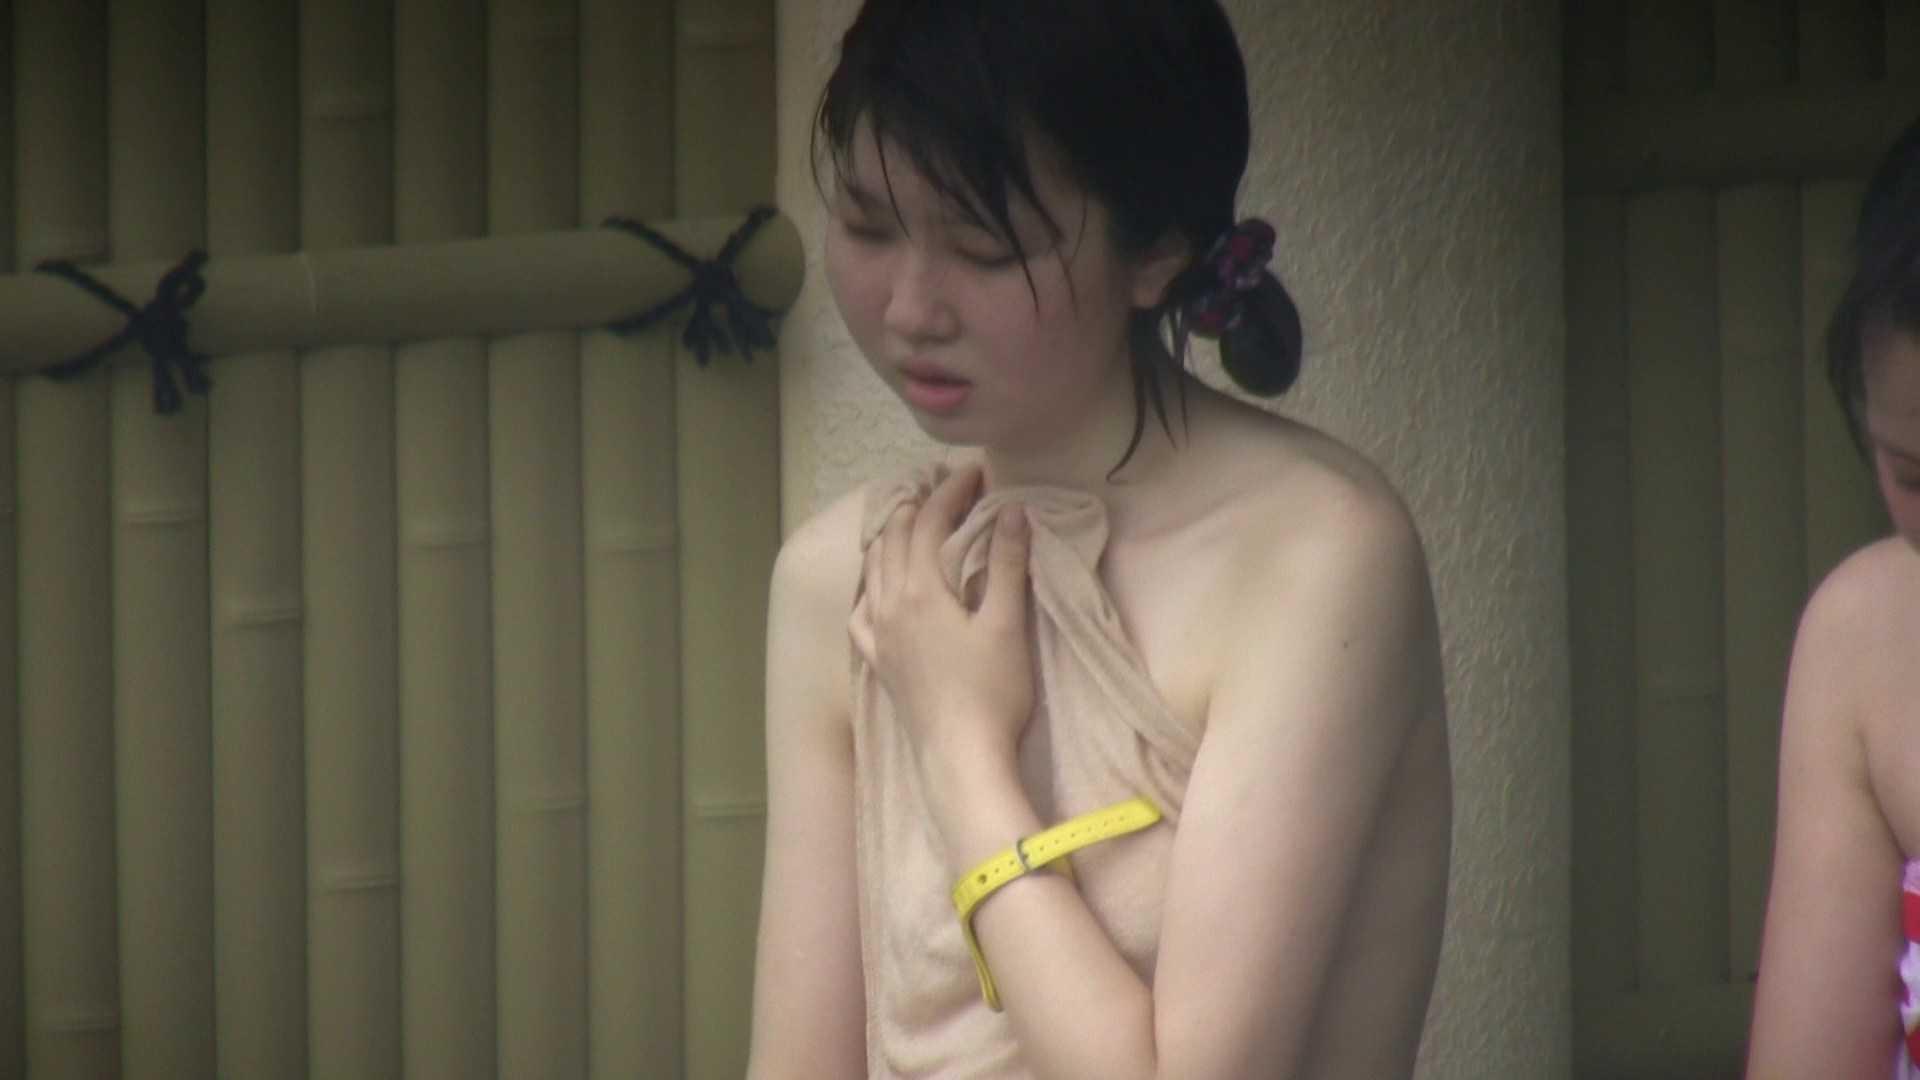 Aquaな露天風呂Vol.128 OLハメ撮り  113Pix 25